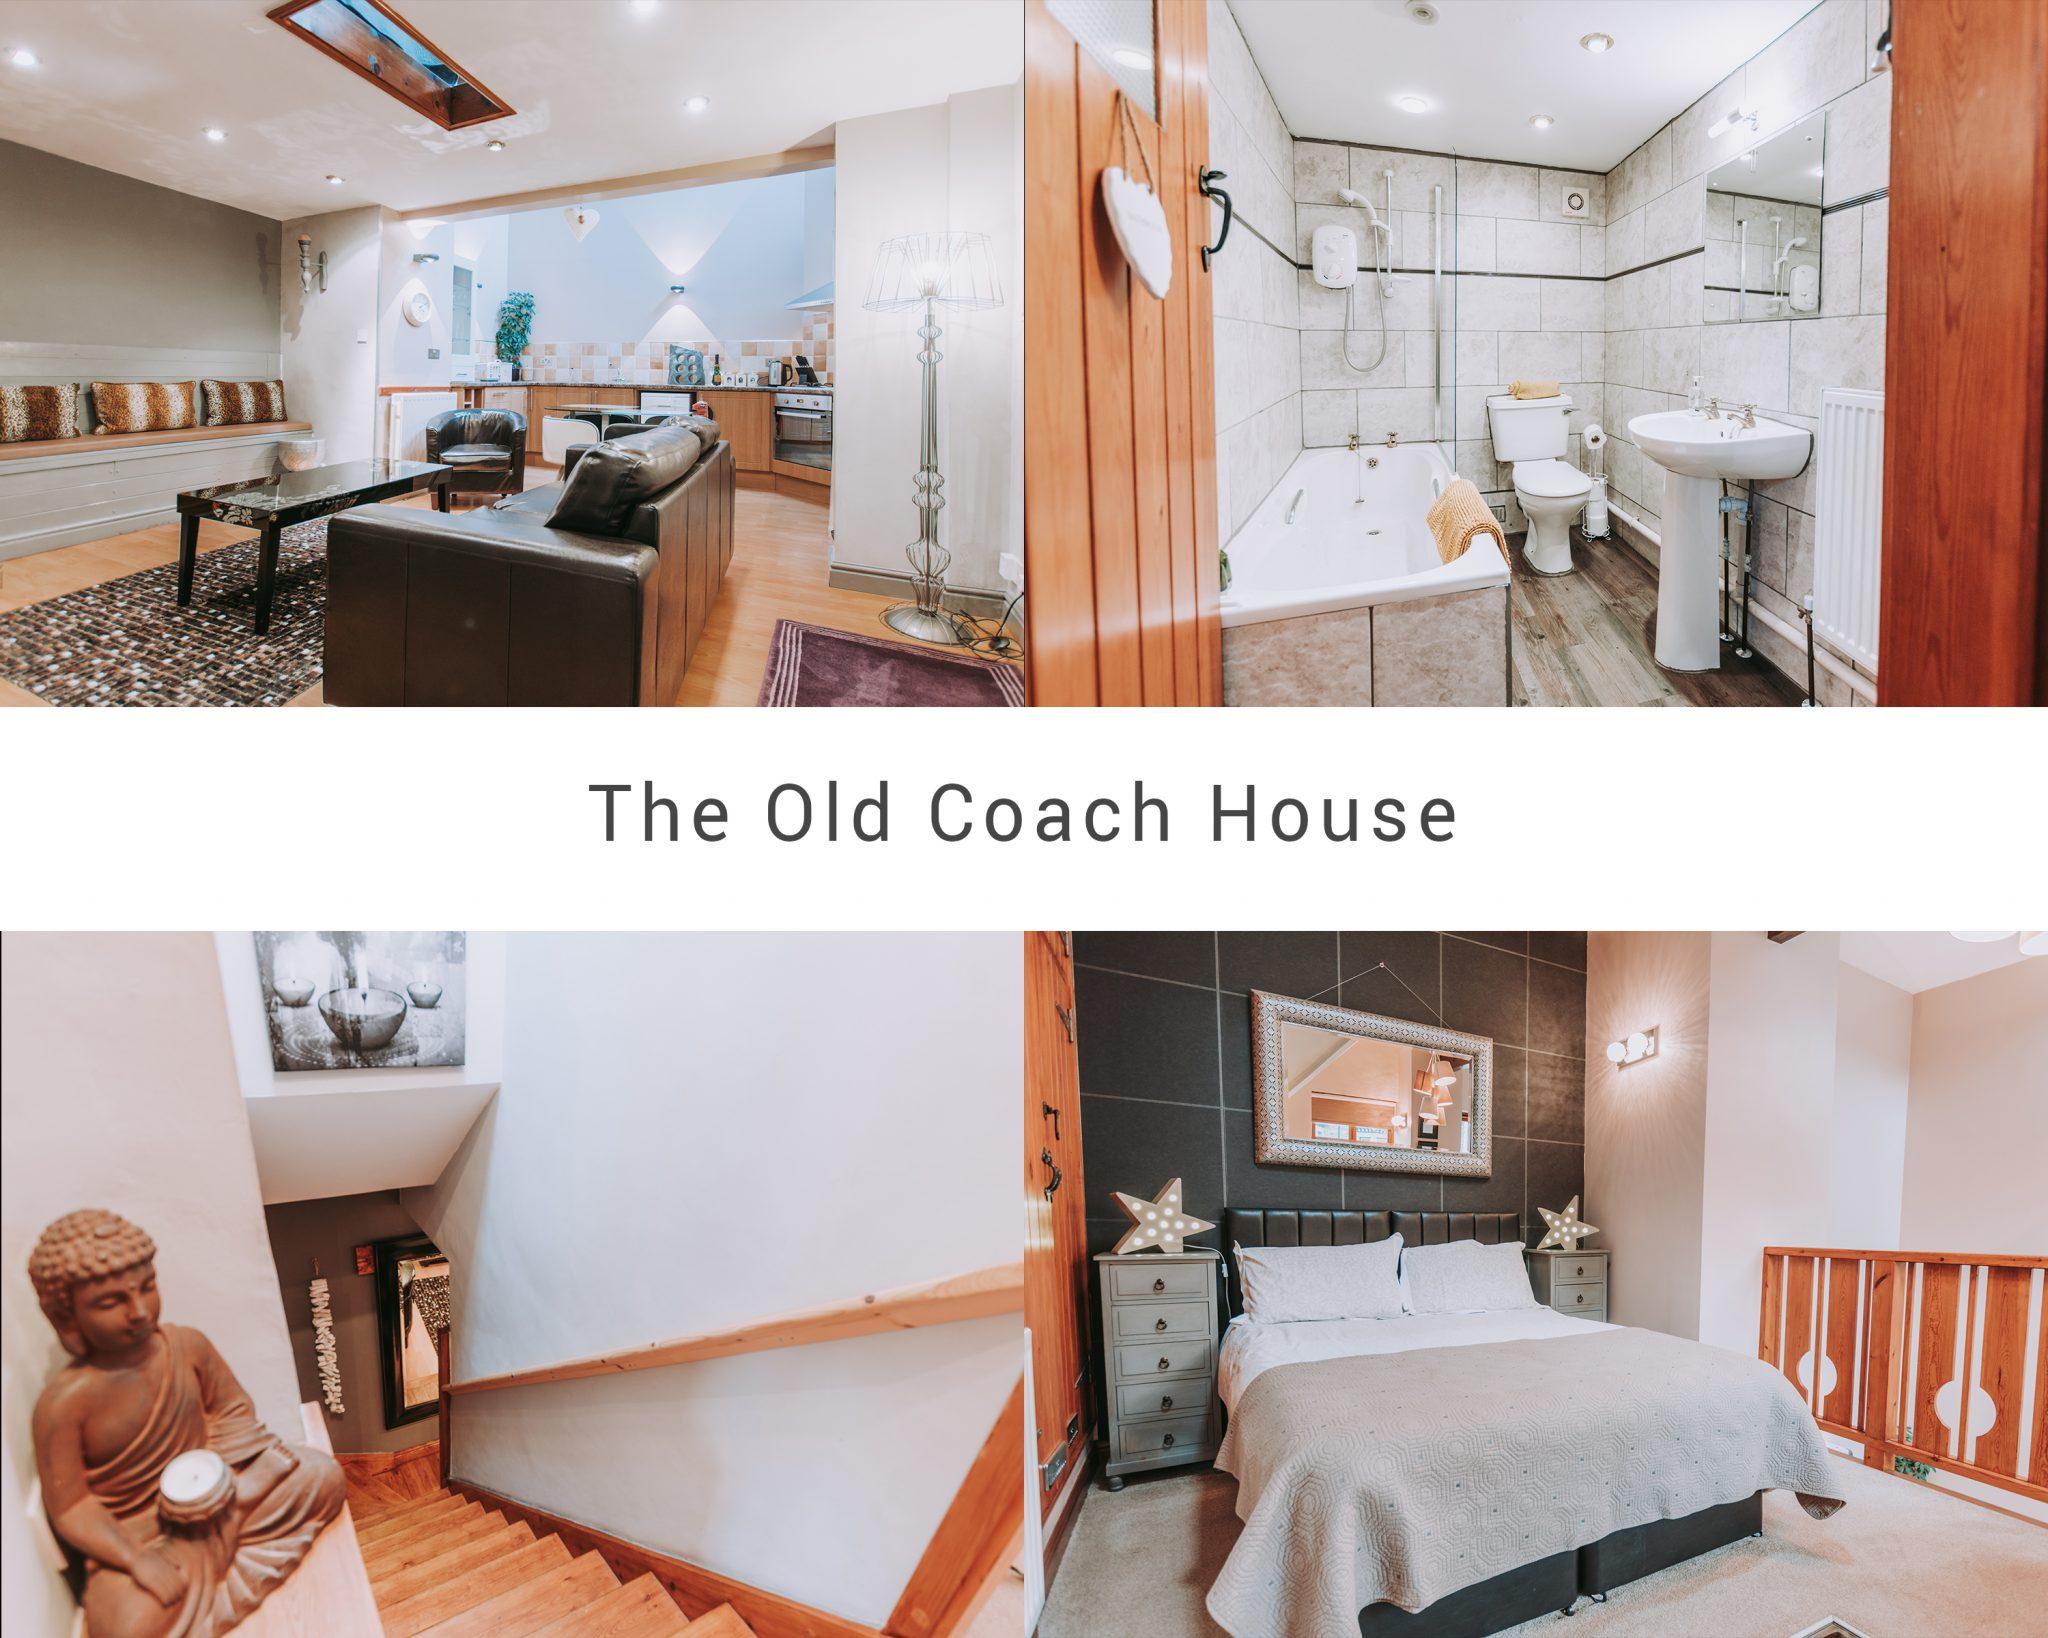 TheOldCoachHouse